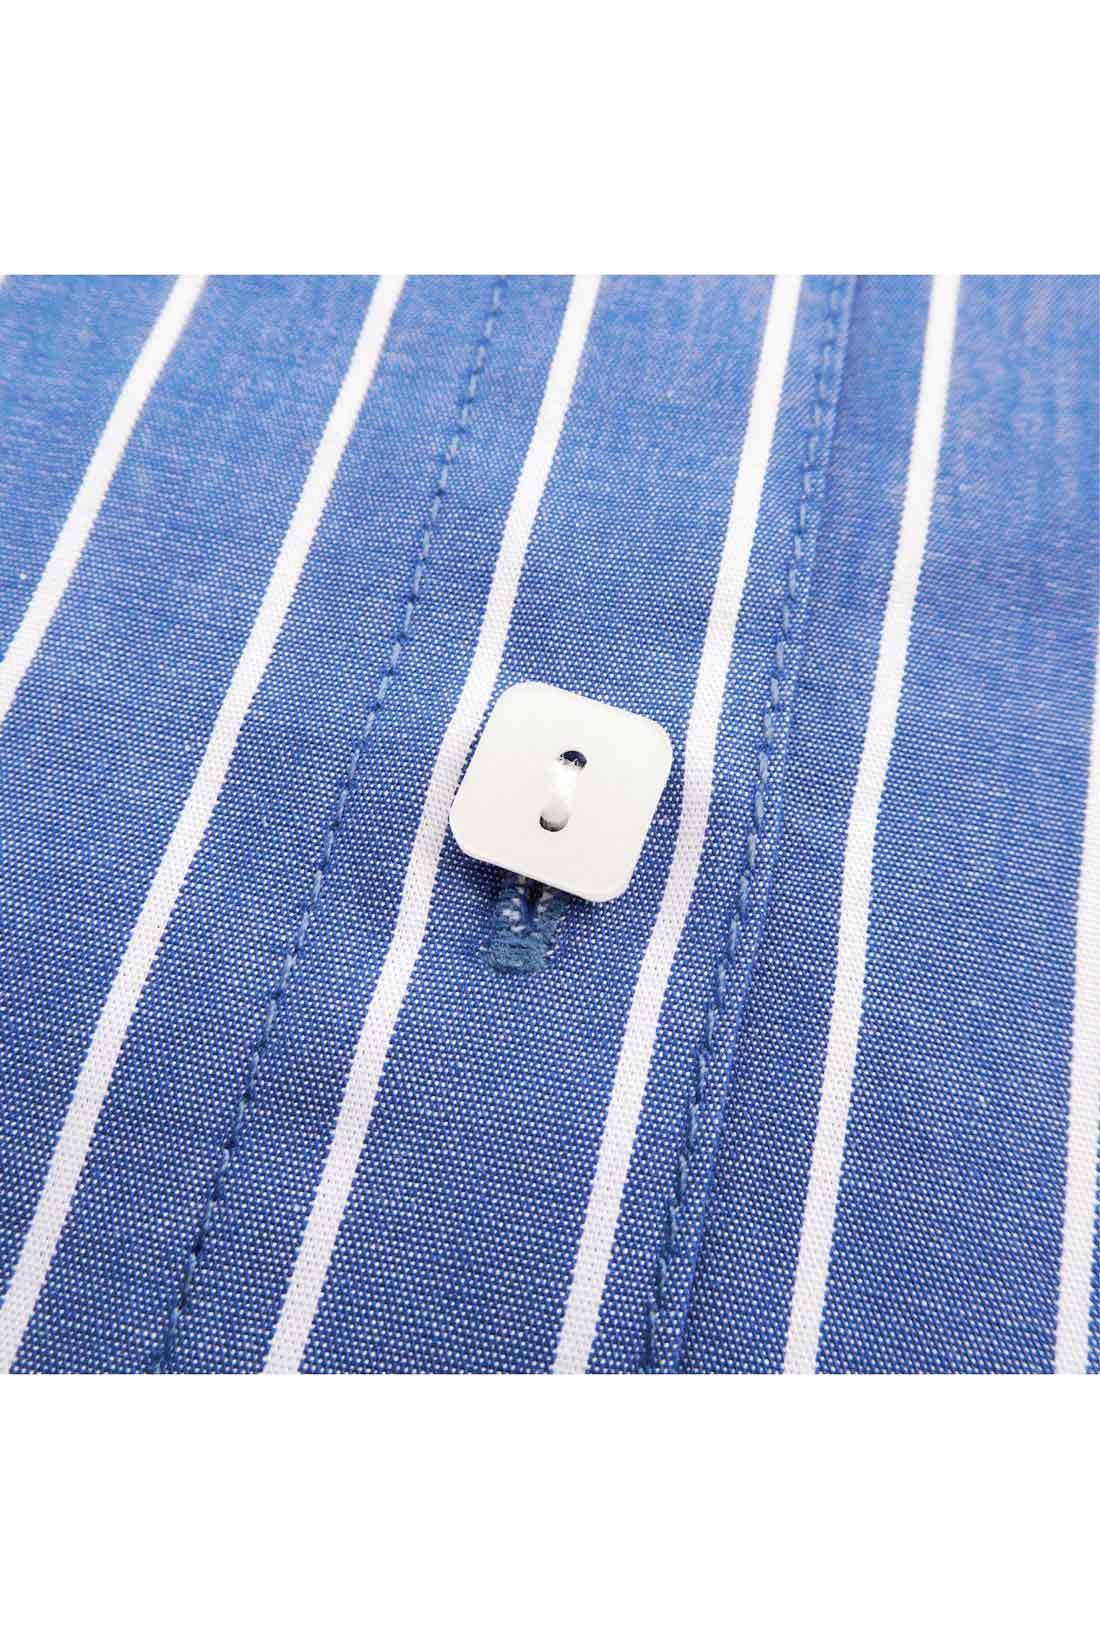 ちっちゃな四角いボタンがちょこんちょこん。